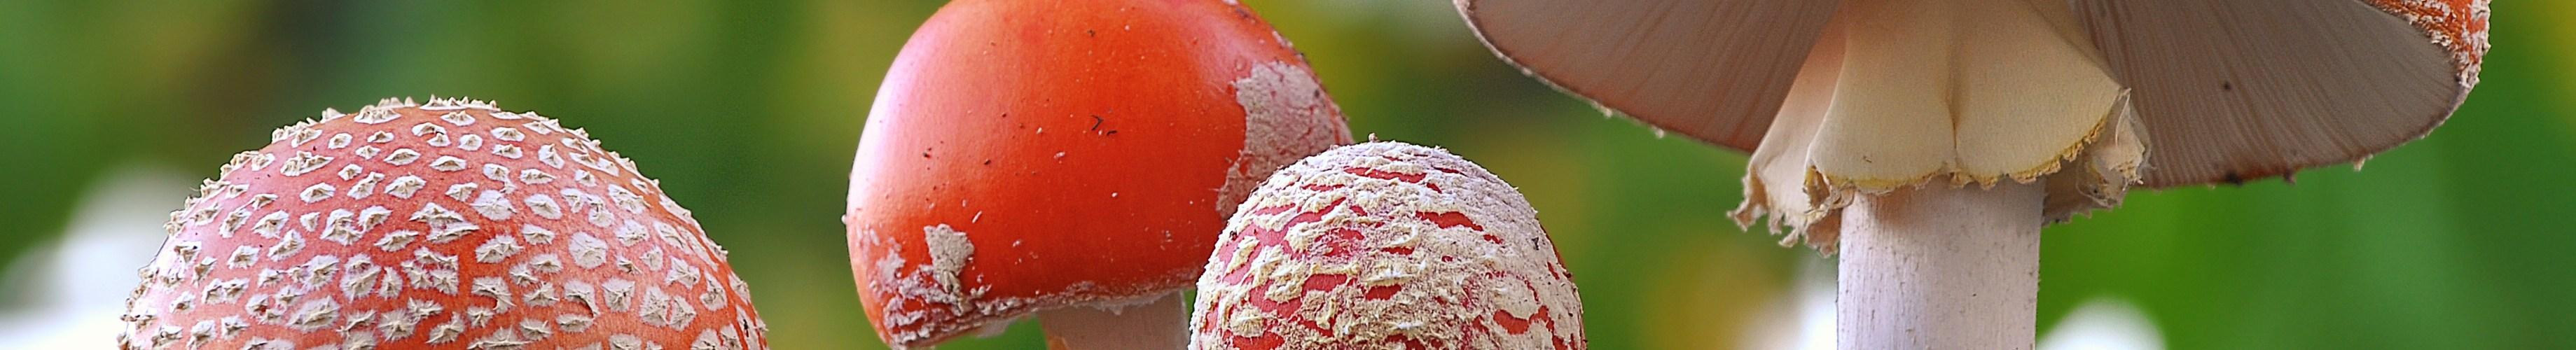 denver mushrooms